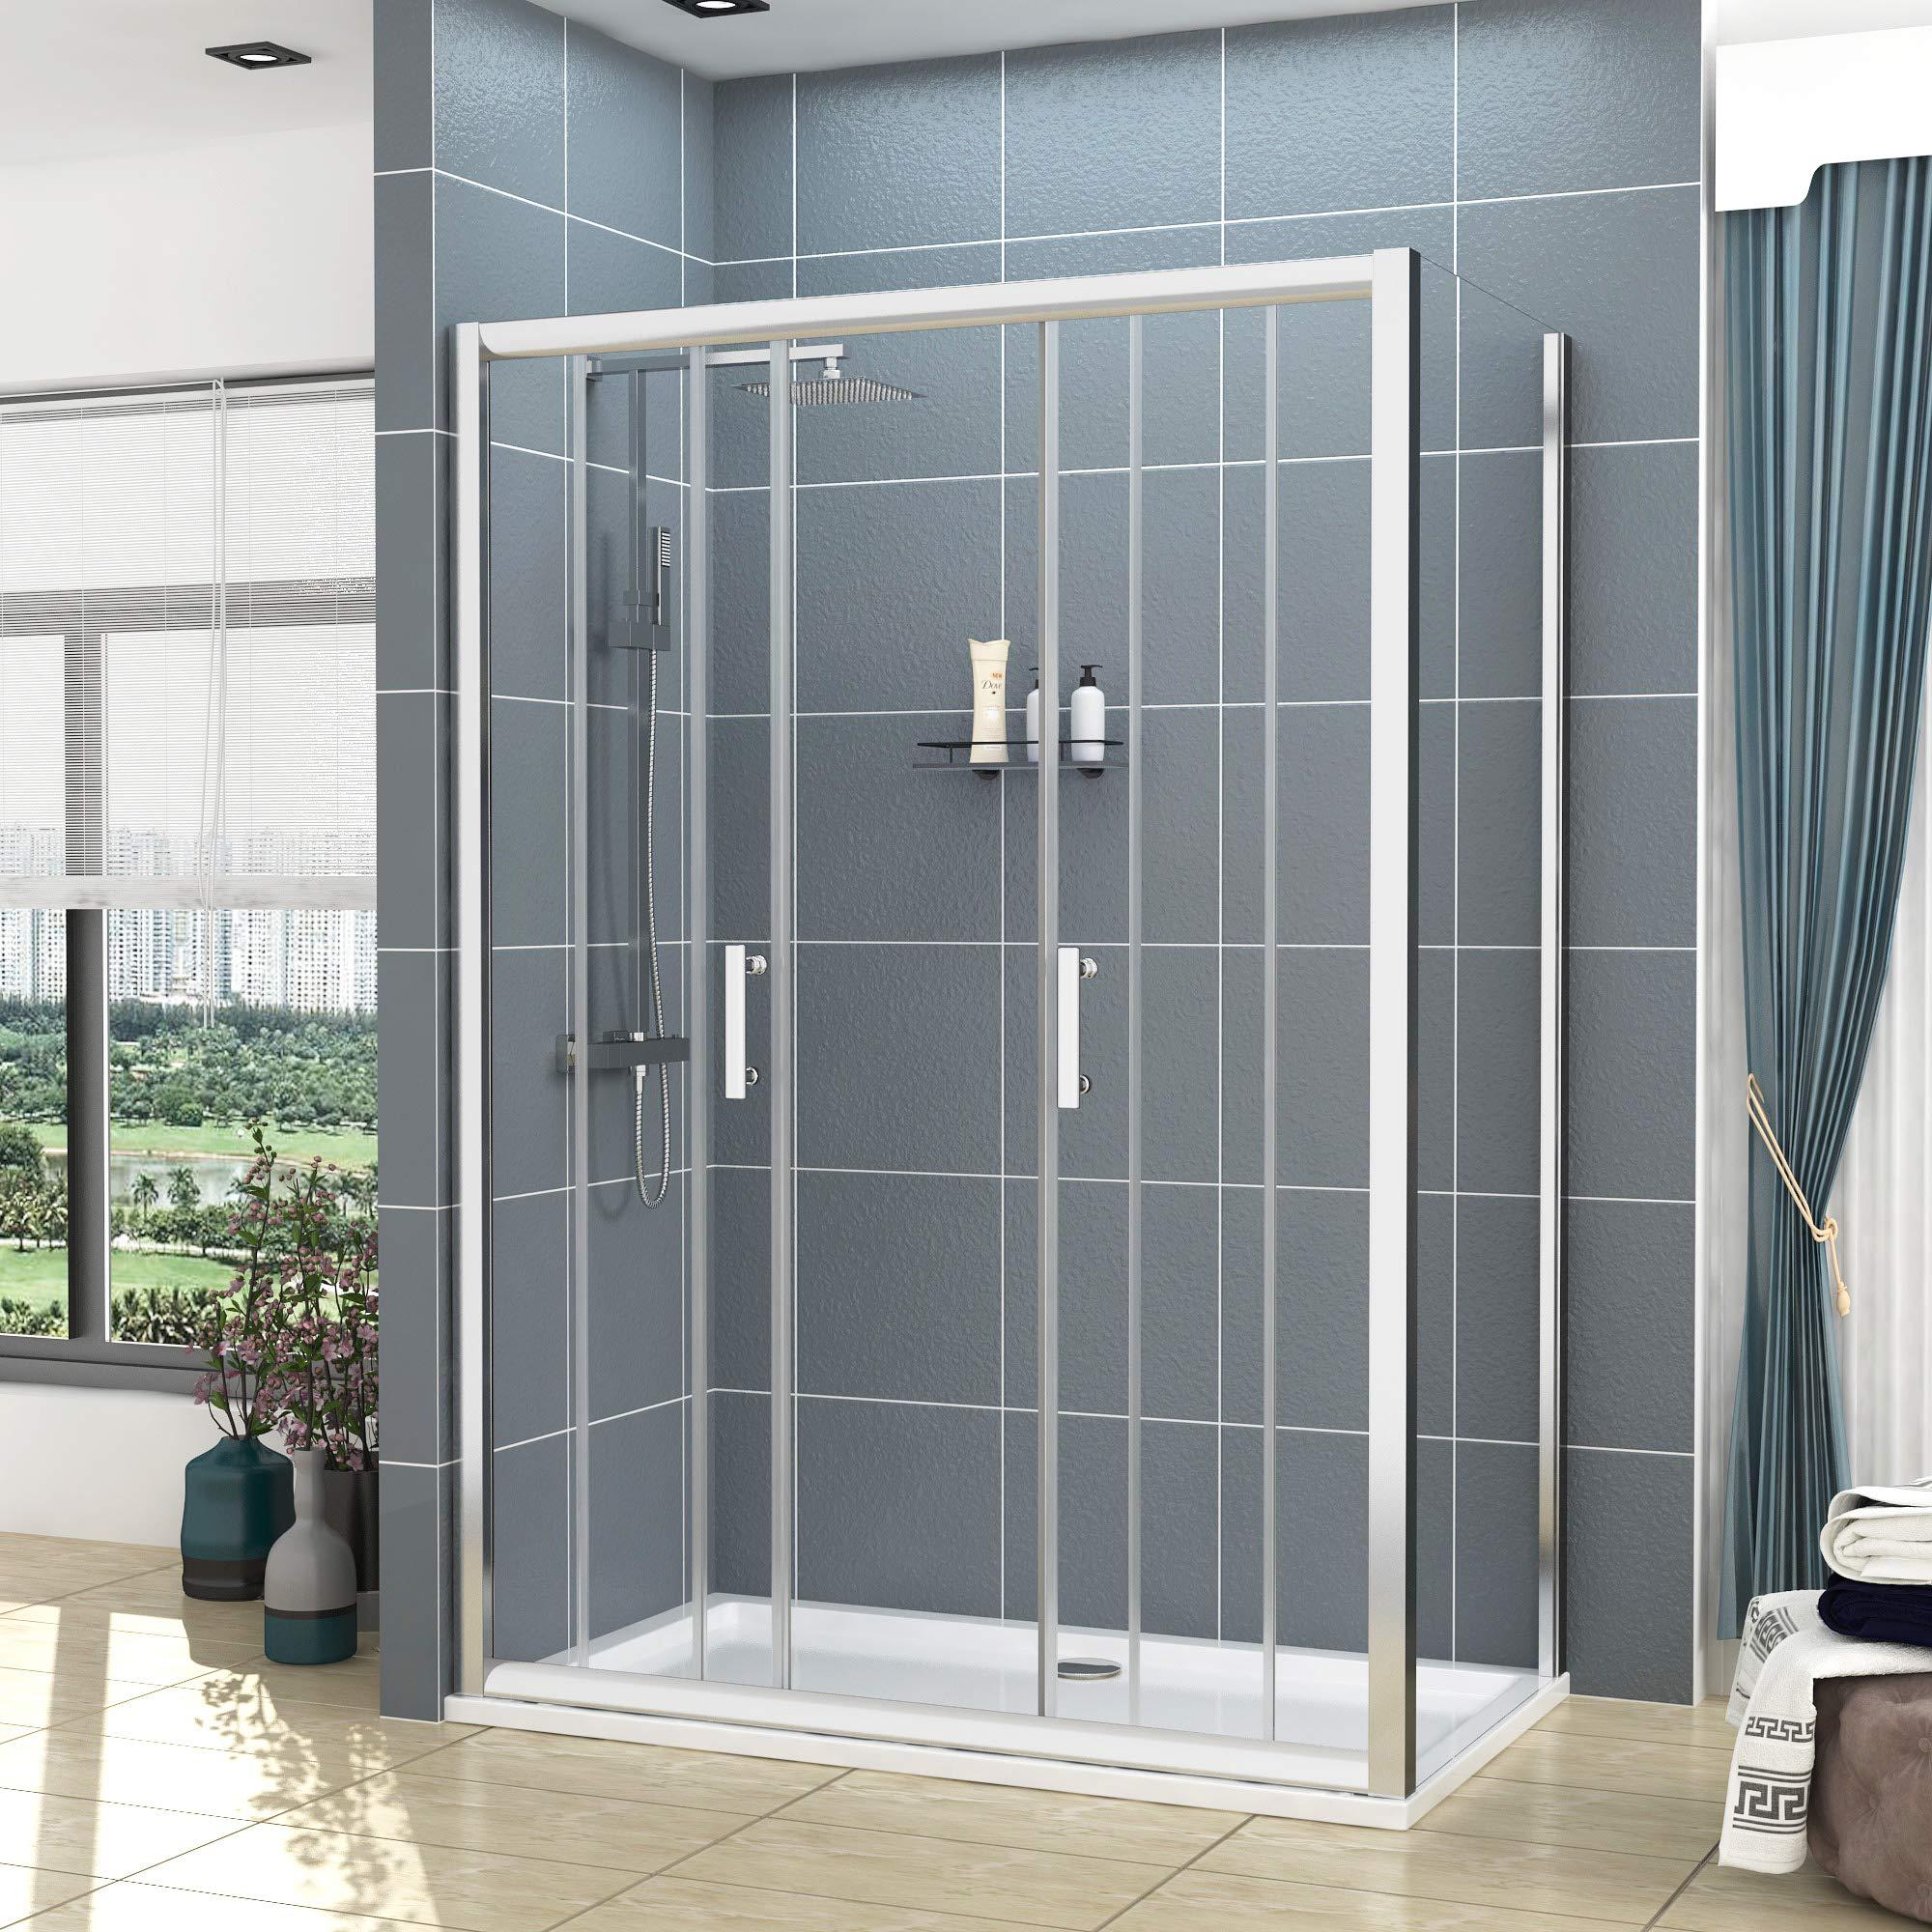 Mampara de ducha rectangular de cristal de 6 mm con bandeja de ducha de piedra nacarada de 1600 mm: Amazon.es: Bricolaje y herramientas